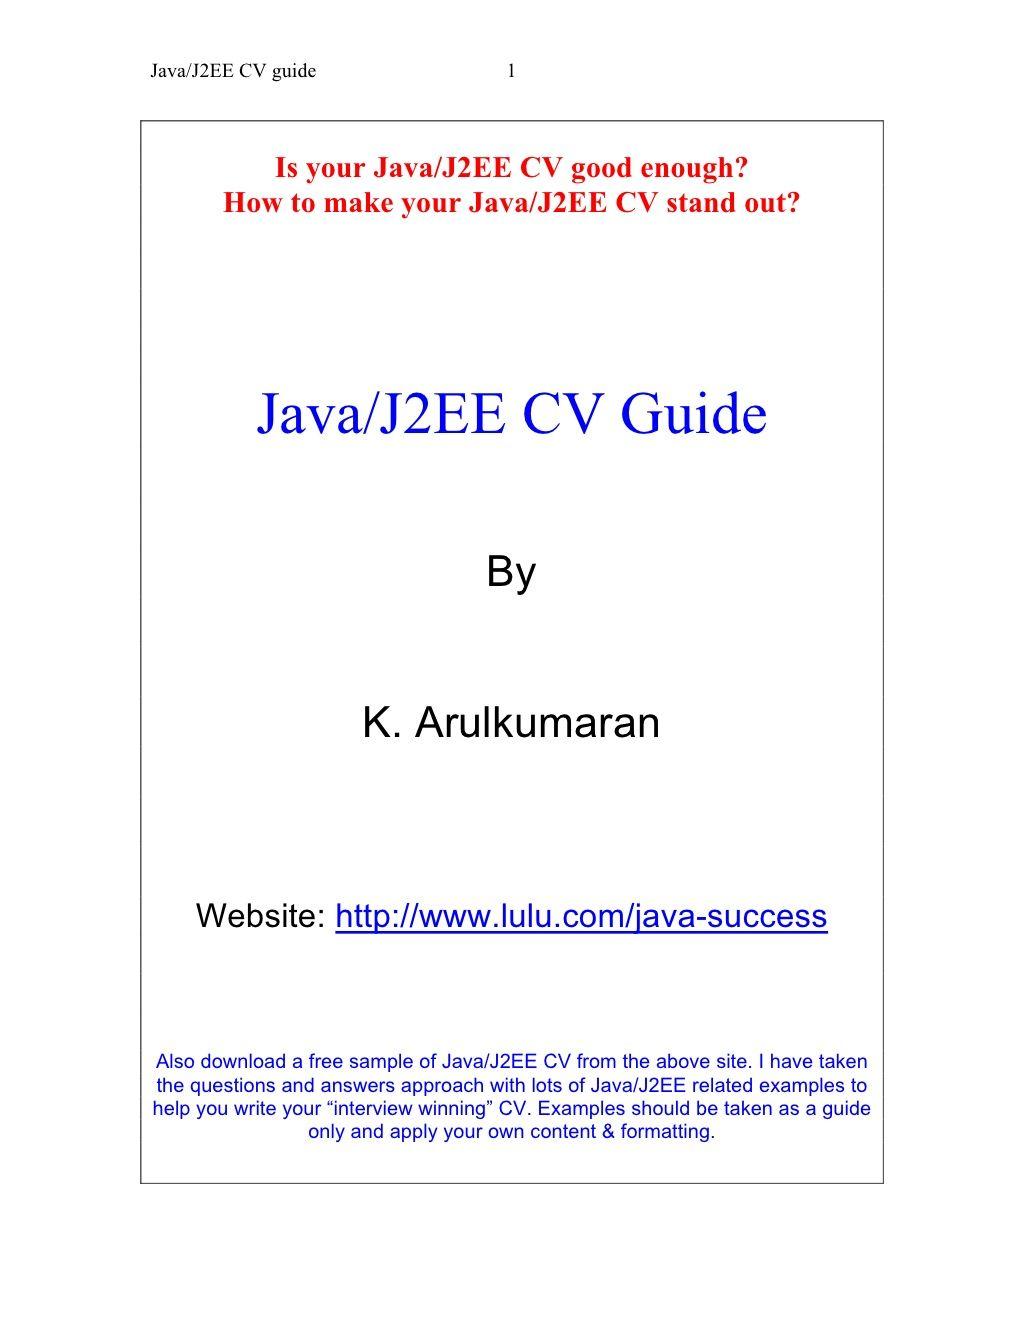 java-j2-eecvguide by Raghavan Mohan via Slideshare | pintu | Pinterest